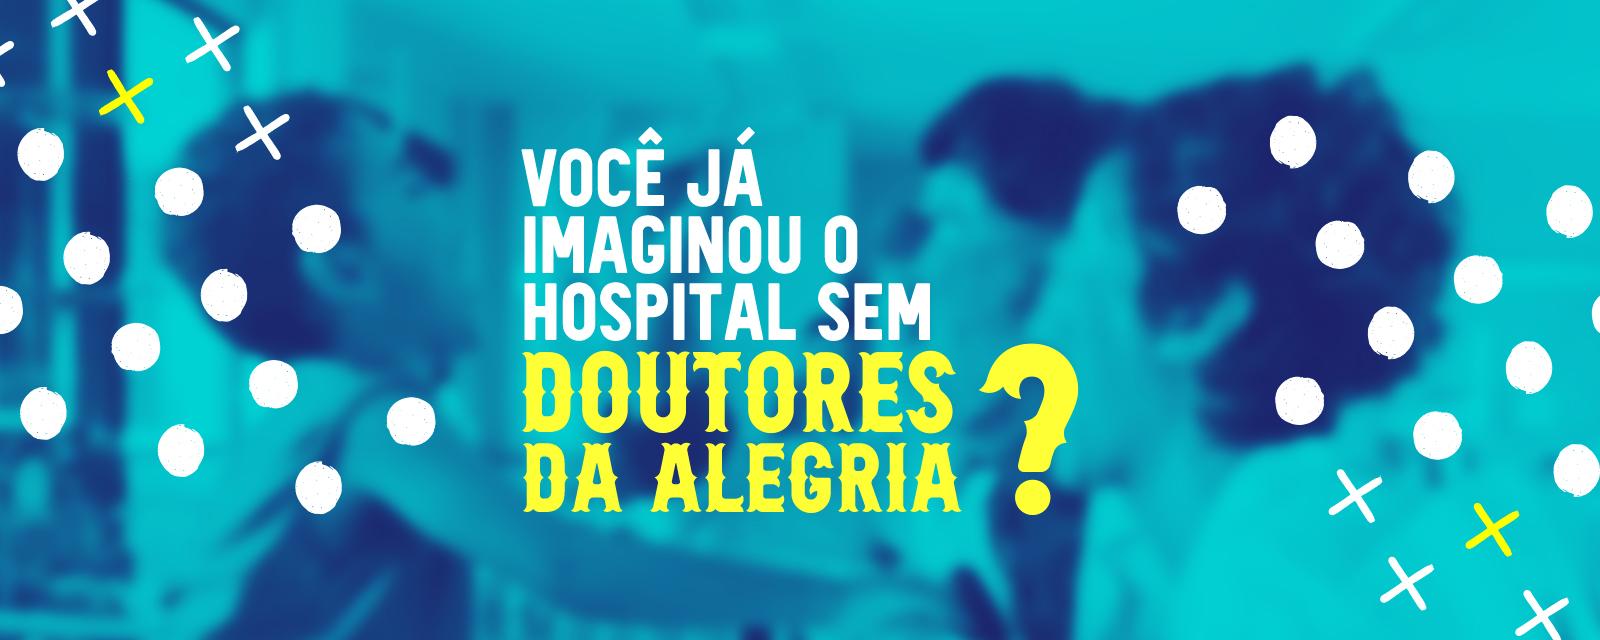 Você já imaginou o hospital sem Doutores da Alegria?